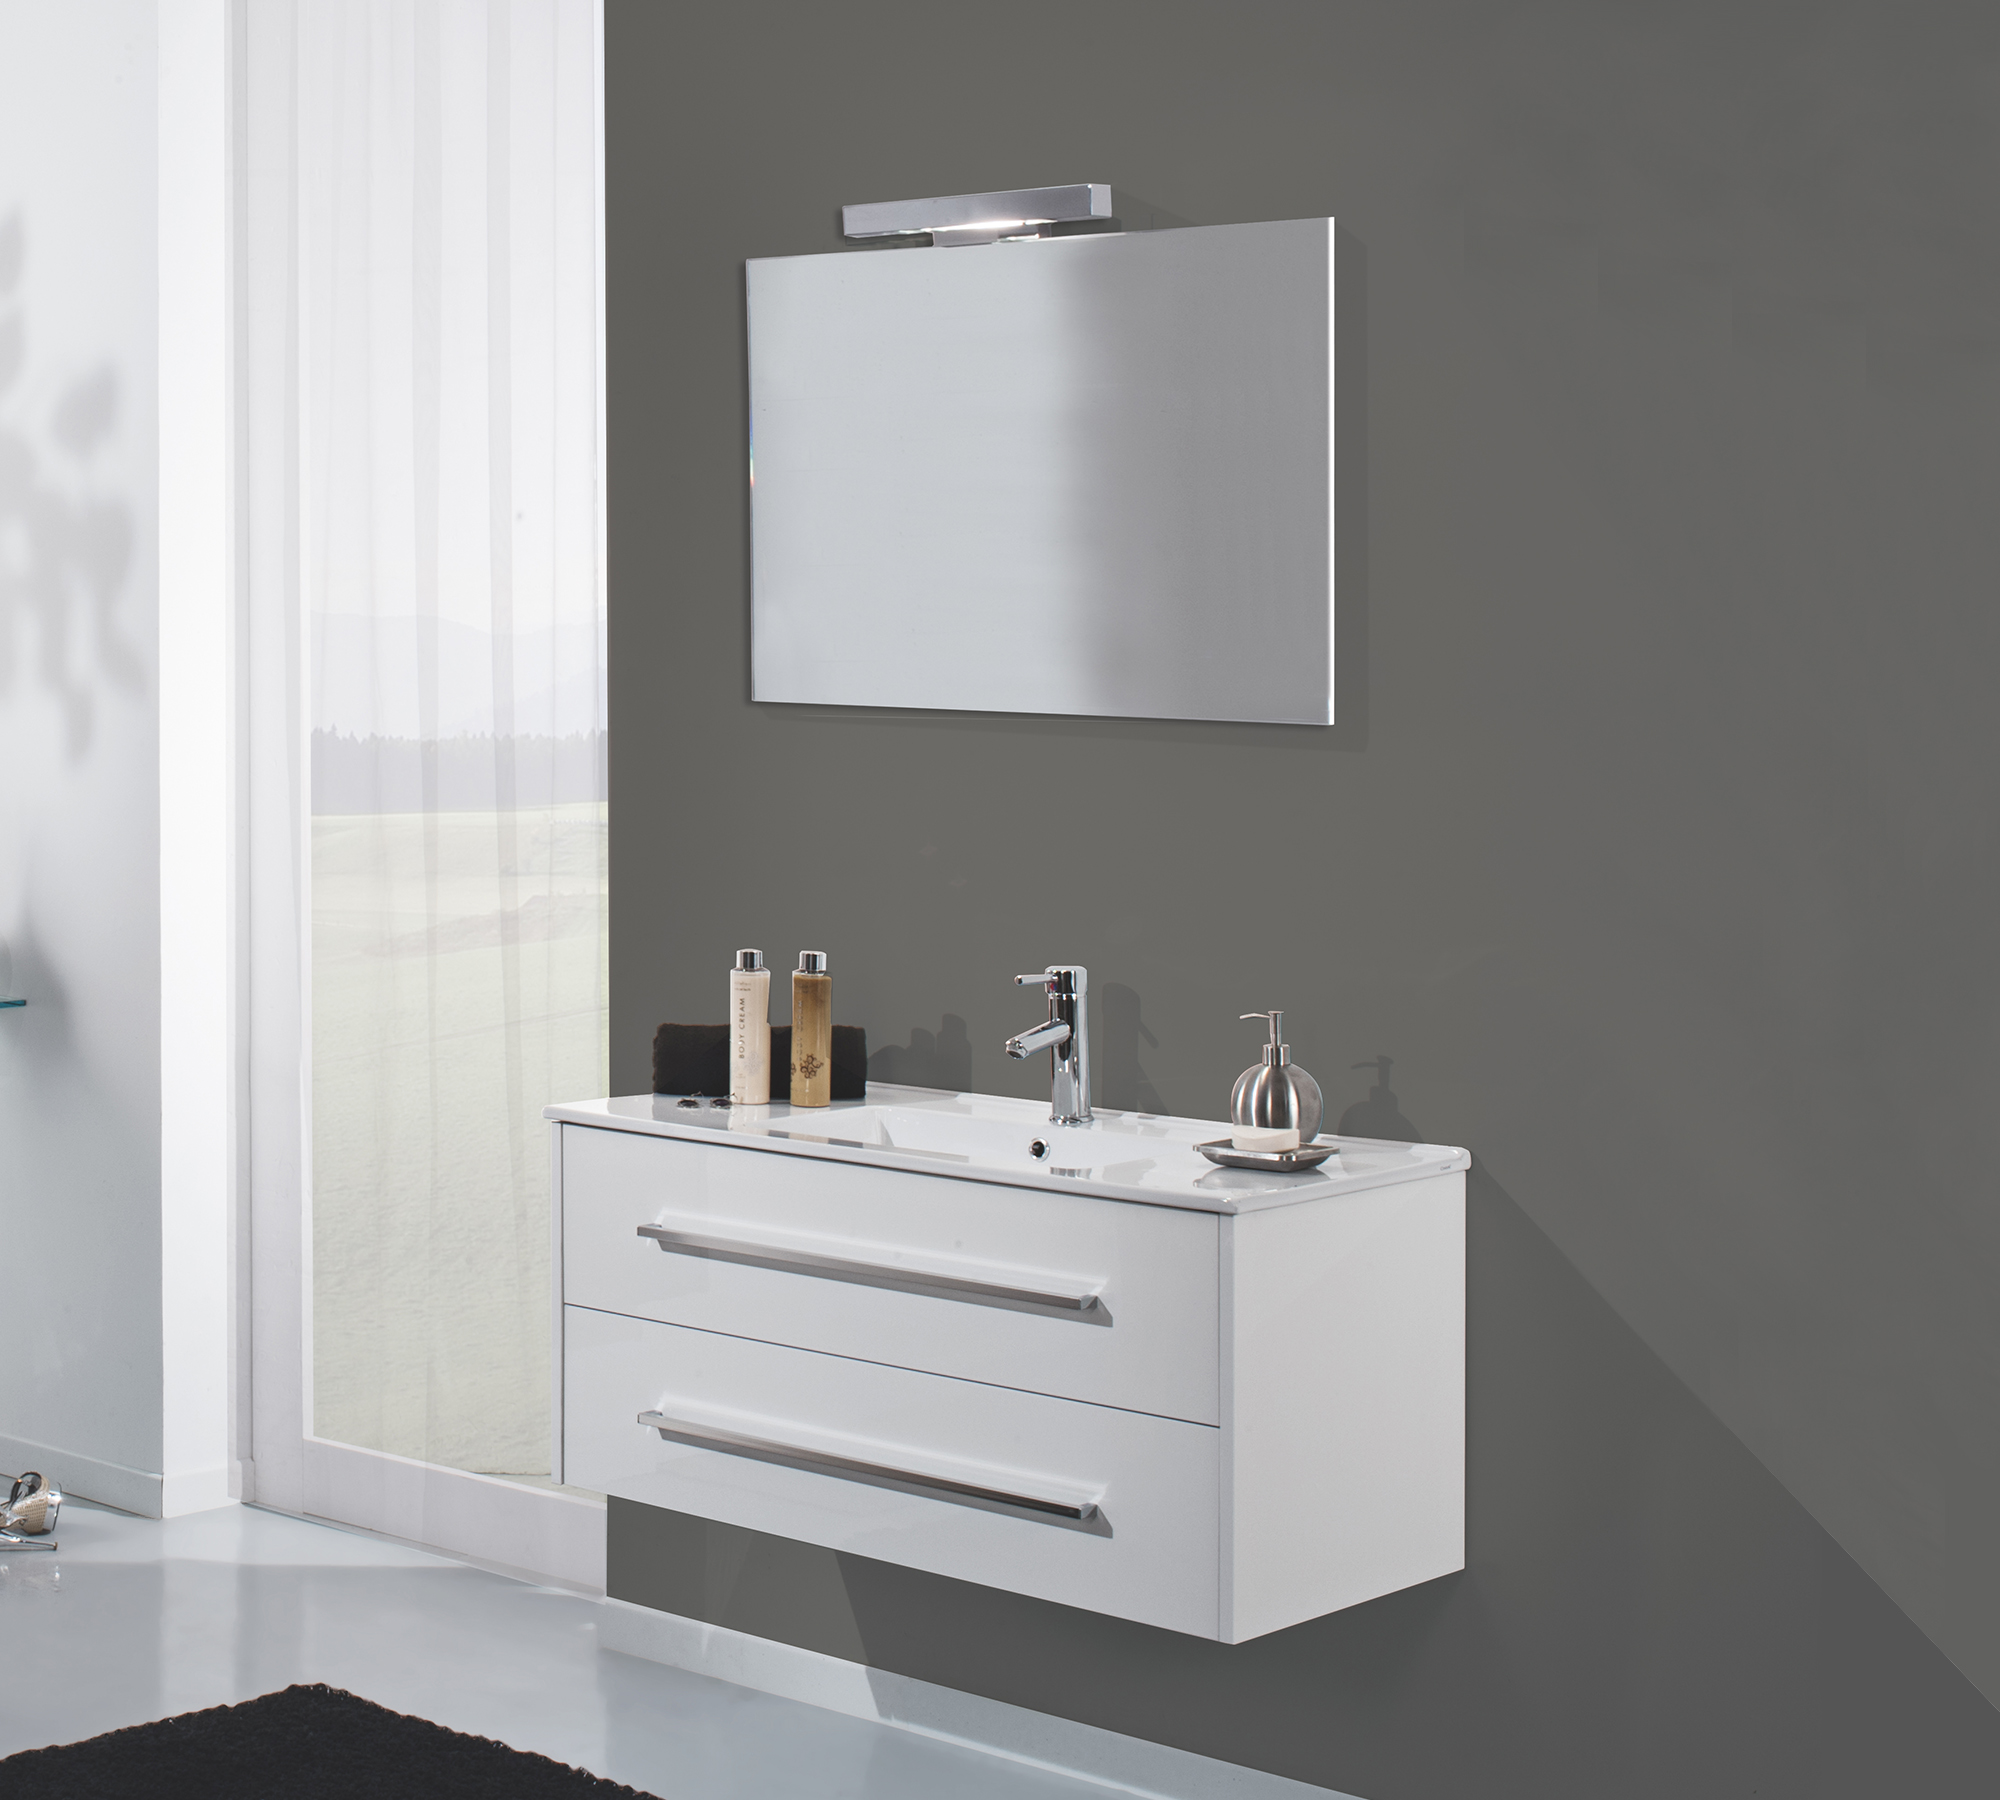 Arredo bagno moderno bianco duzzle for Mobili da bagno moderni prezzi